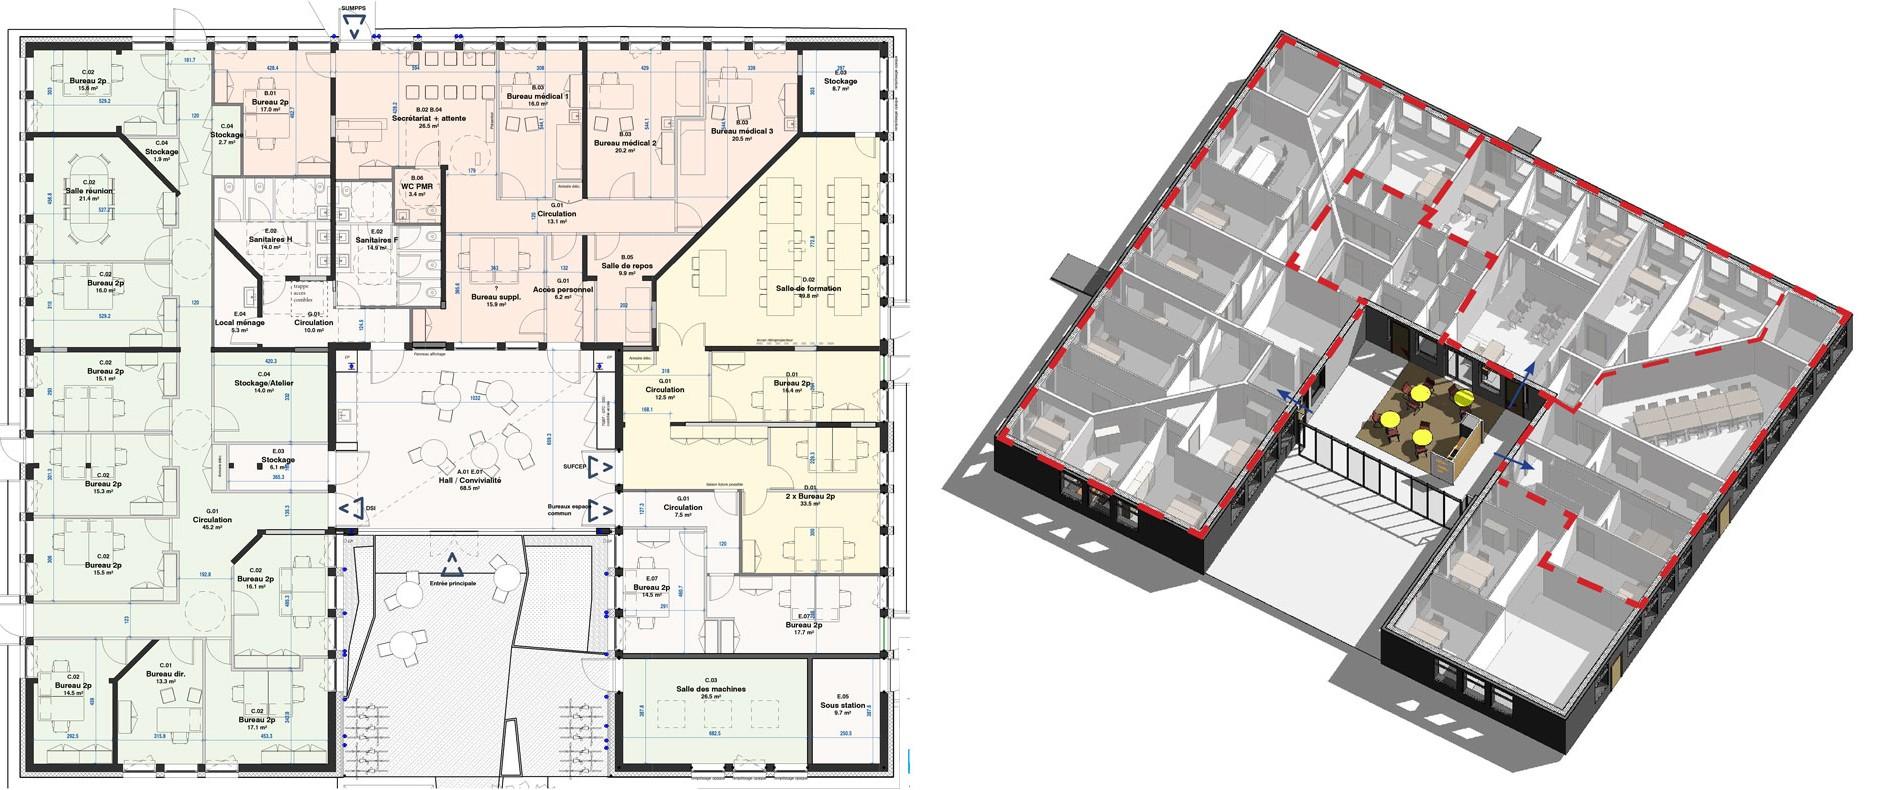 asb-architecte-chambery-bourget-du-lac-tertiaire-université-savoie-mont-blanc-9